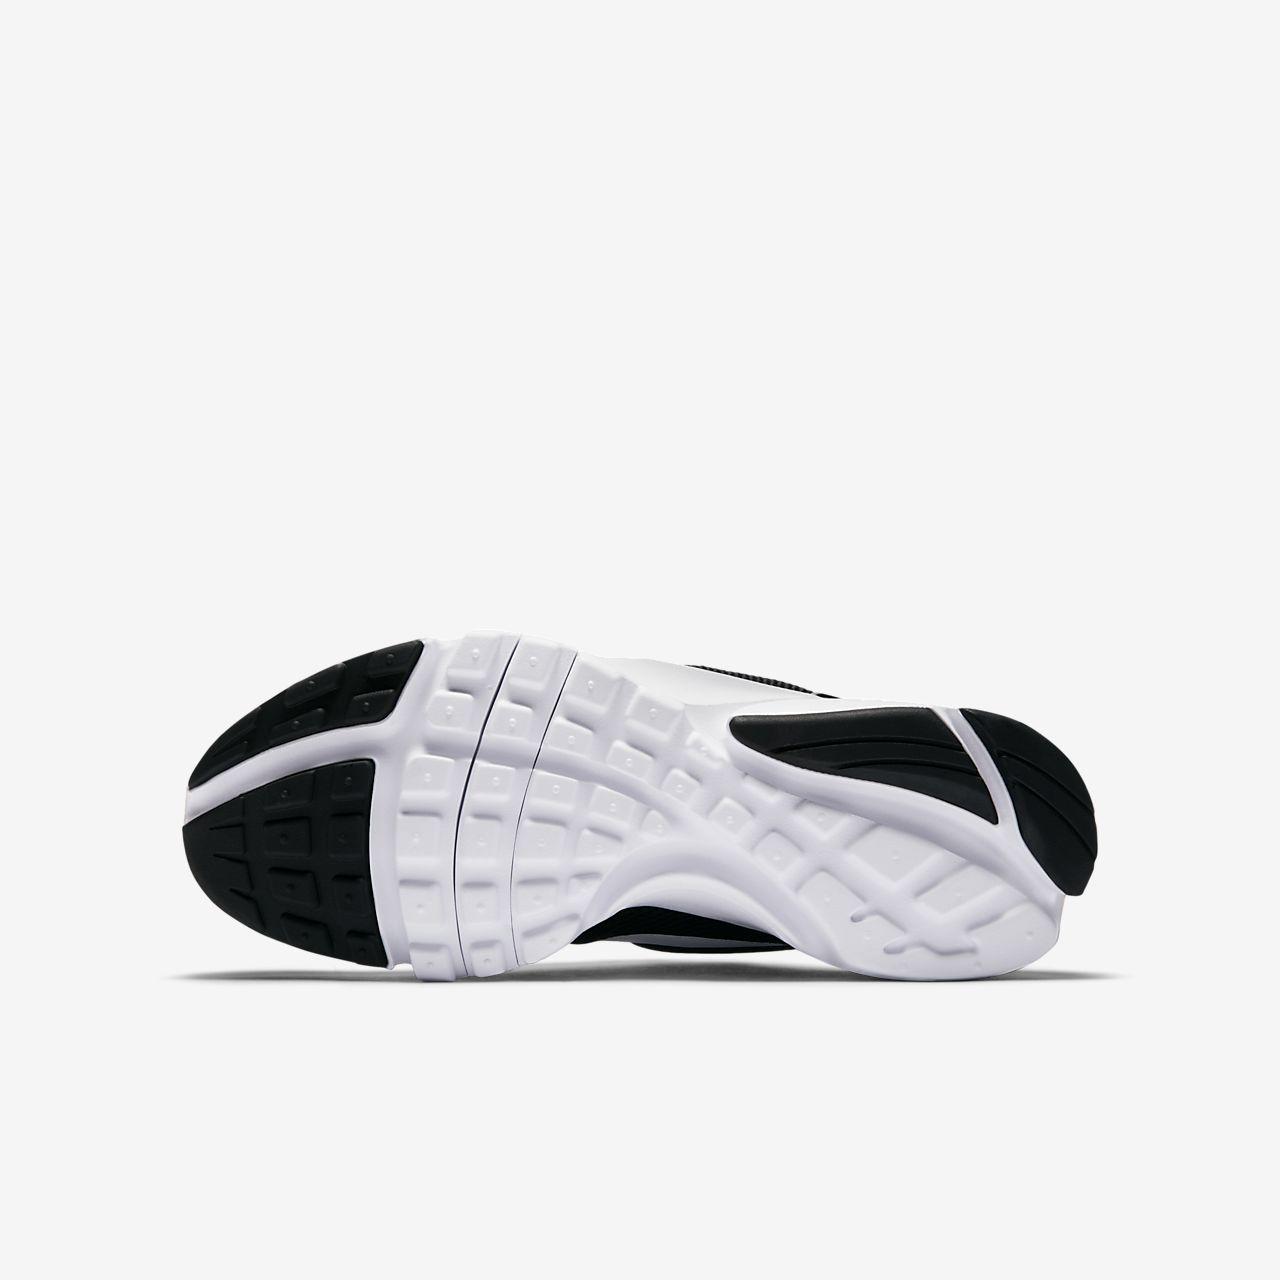 Zapatillas Nike Presto Fly SE Fly para 17415 Nike niños mayores